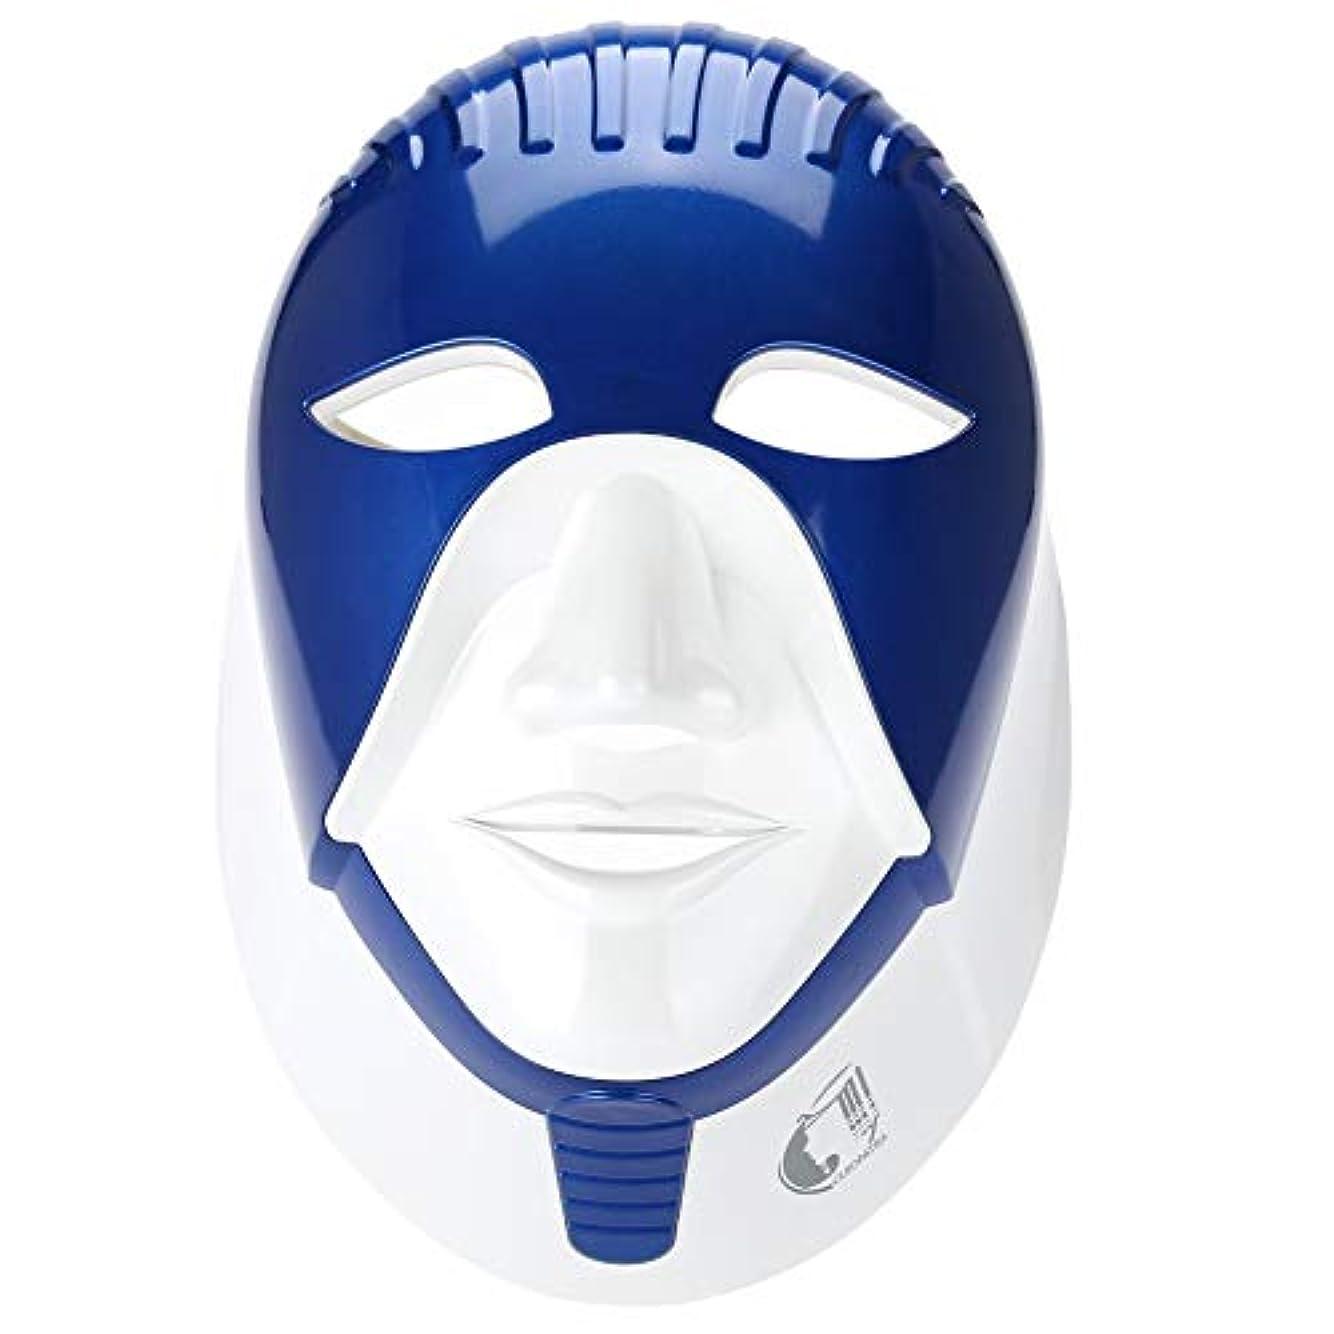 恩恵教養があるプラットフォームLED美顔マスク、美顔器 光エステフォトマスク 7色 ledマスク赤光エステ家庭用led美顔器しわたるみほうれい線を改善毛穴ケア美白 フェイシャルマッサージ 美容用(2#)